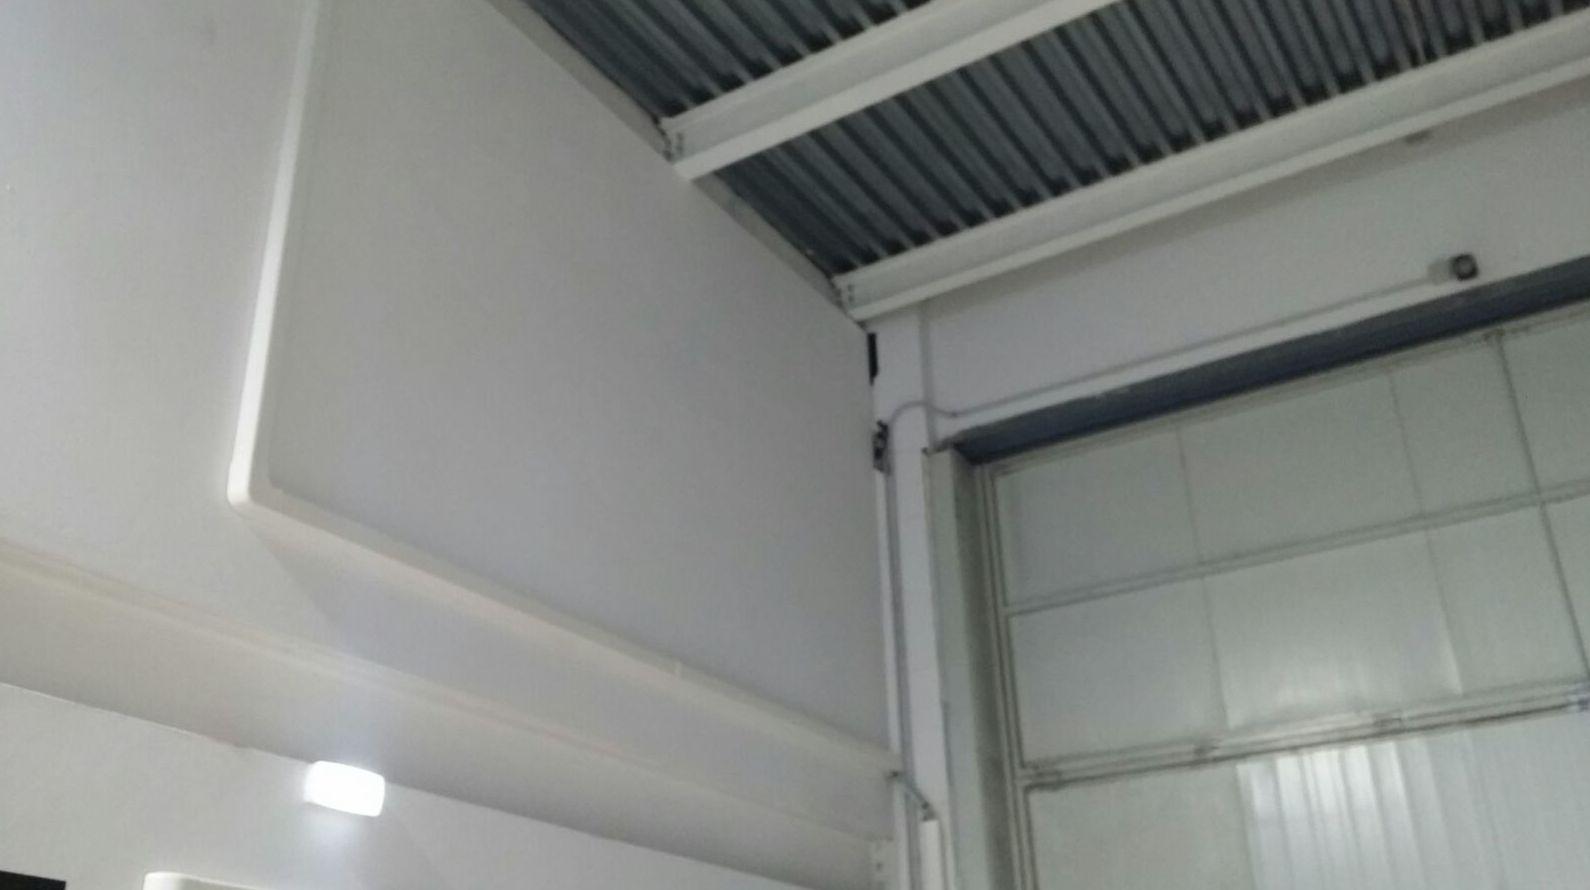 Instalacion de aire acondicionado Gijón http://www.tempconfortinstalaciones.es/es/